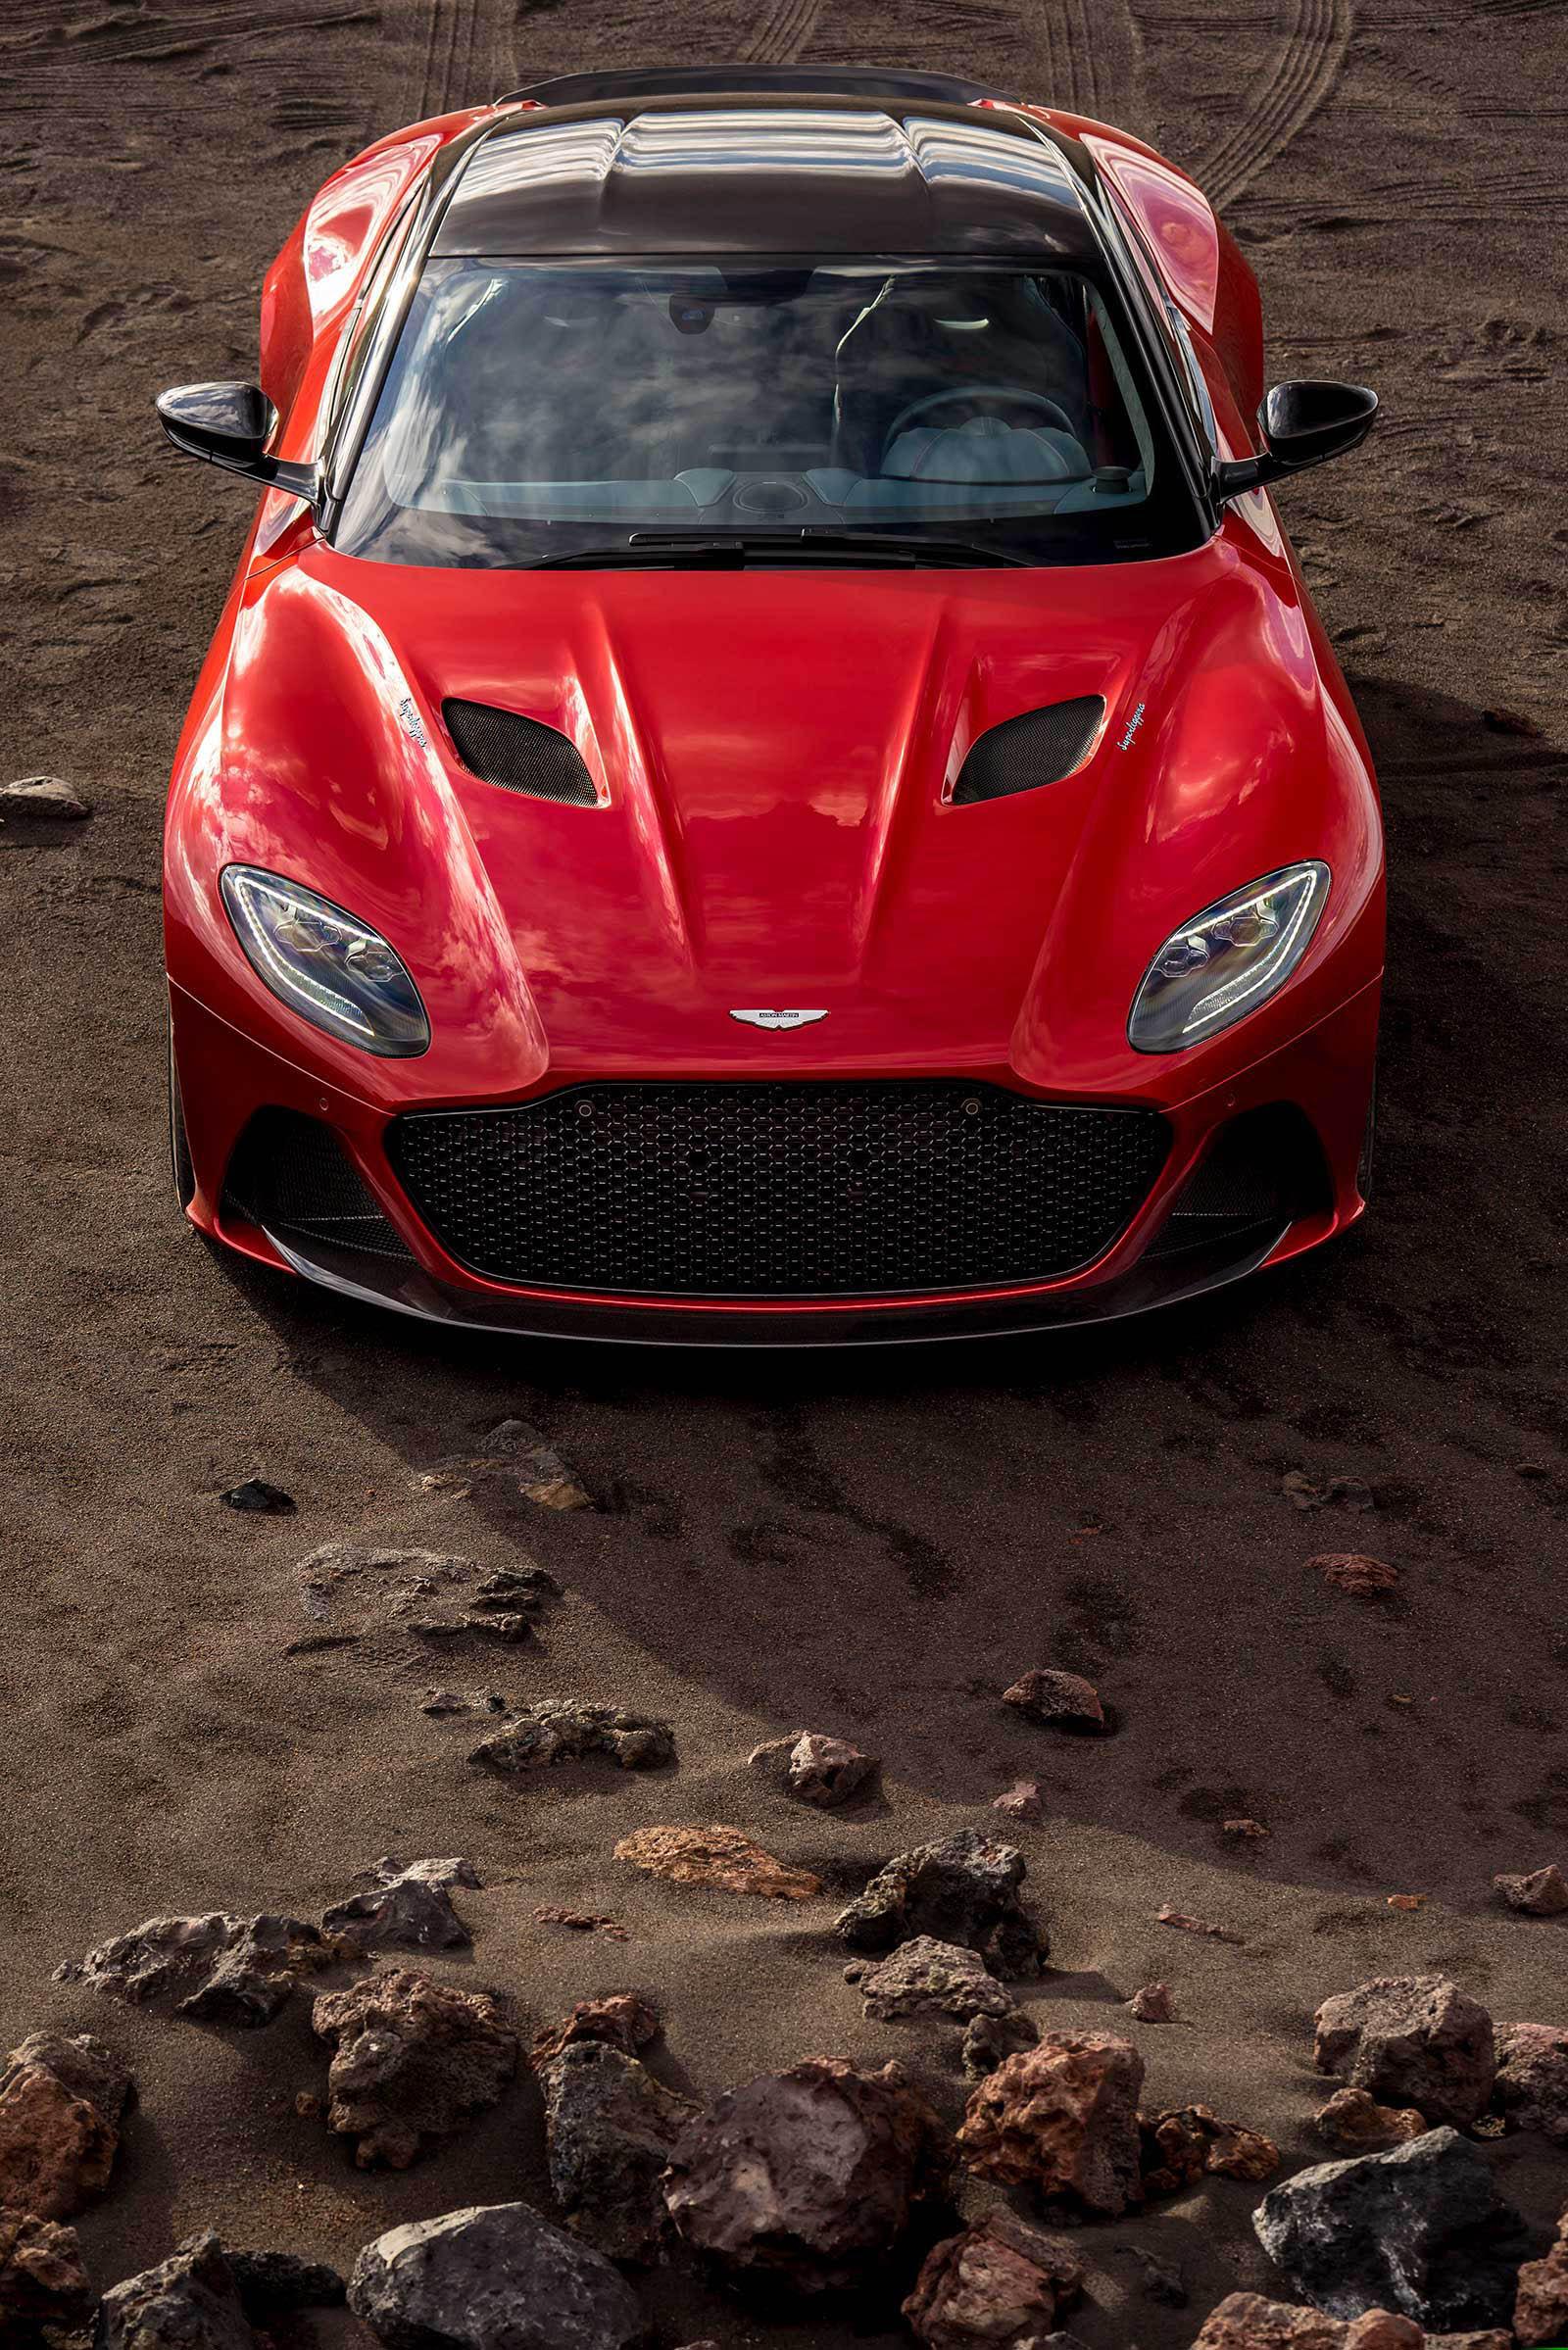 Aston Martin DBS Superleggera 2019 (17)